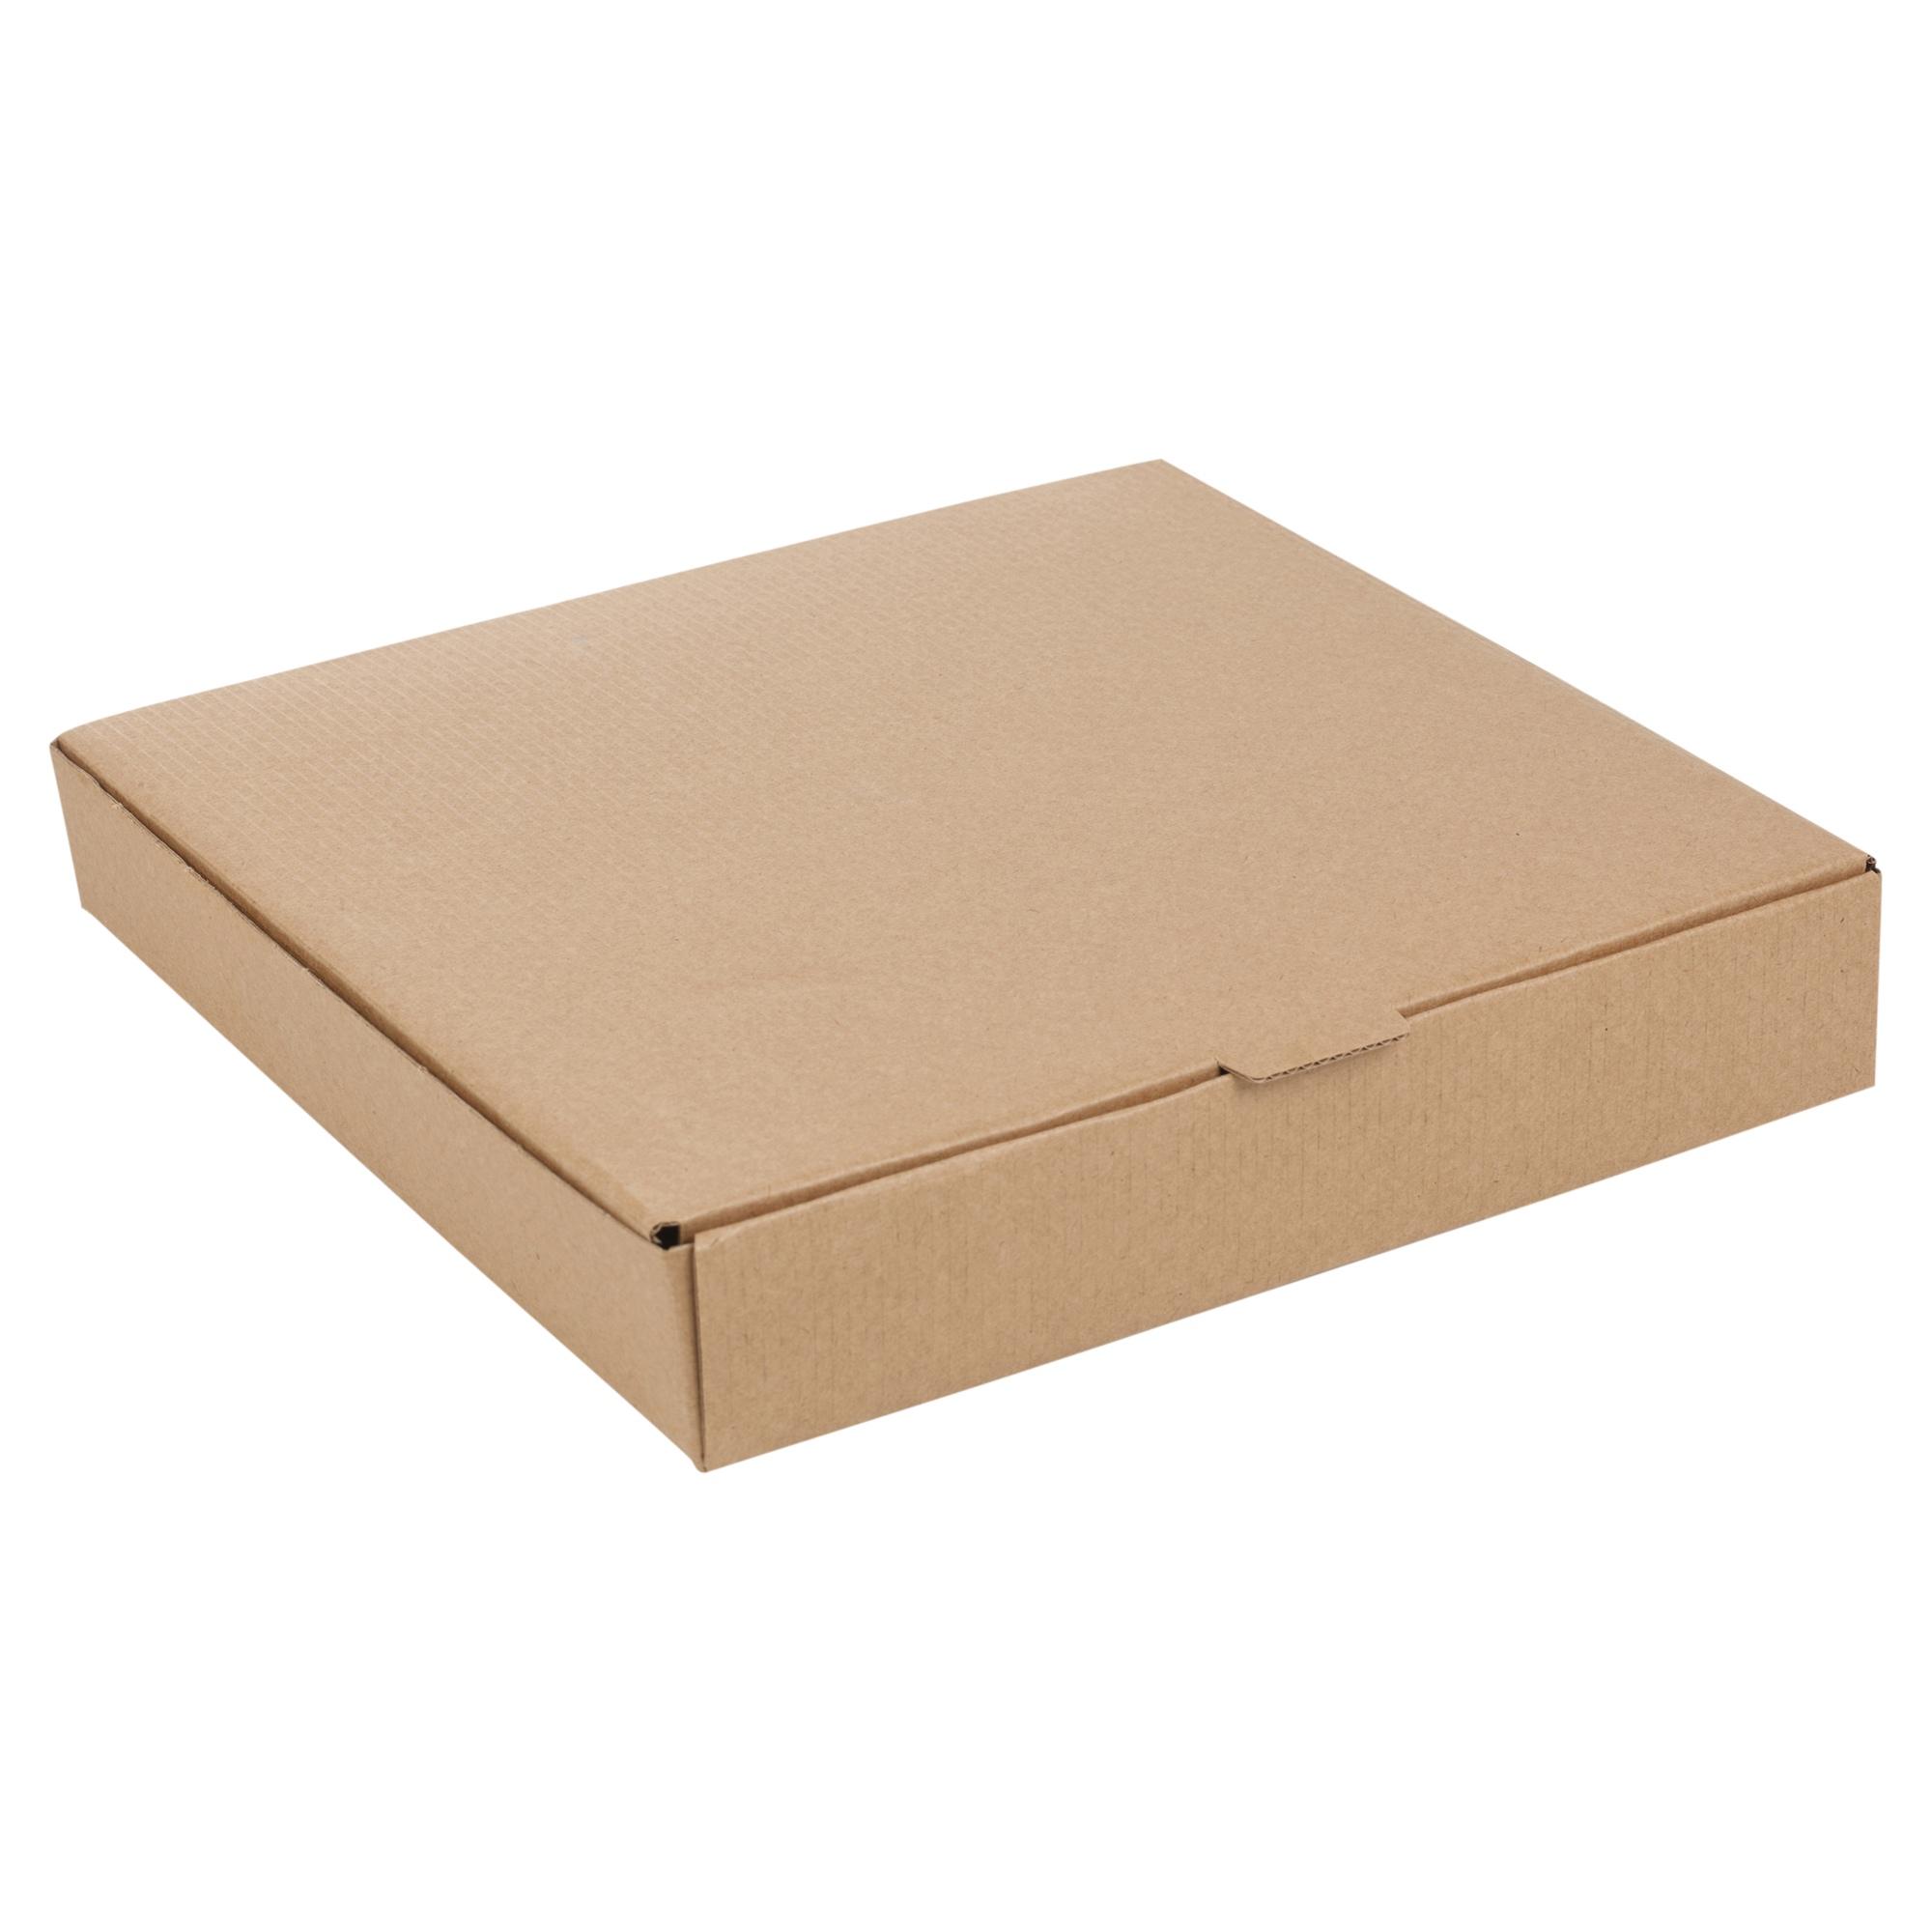 Una sola capa cartulina pizza caja correo vestidos camisas - Cajas almacenaje ropa ...